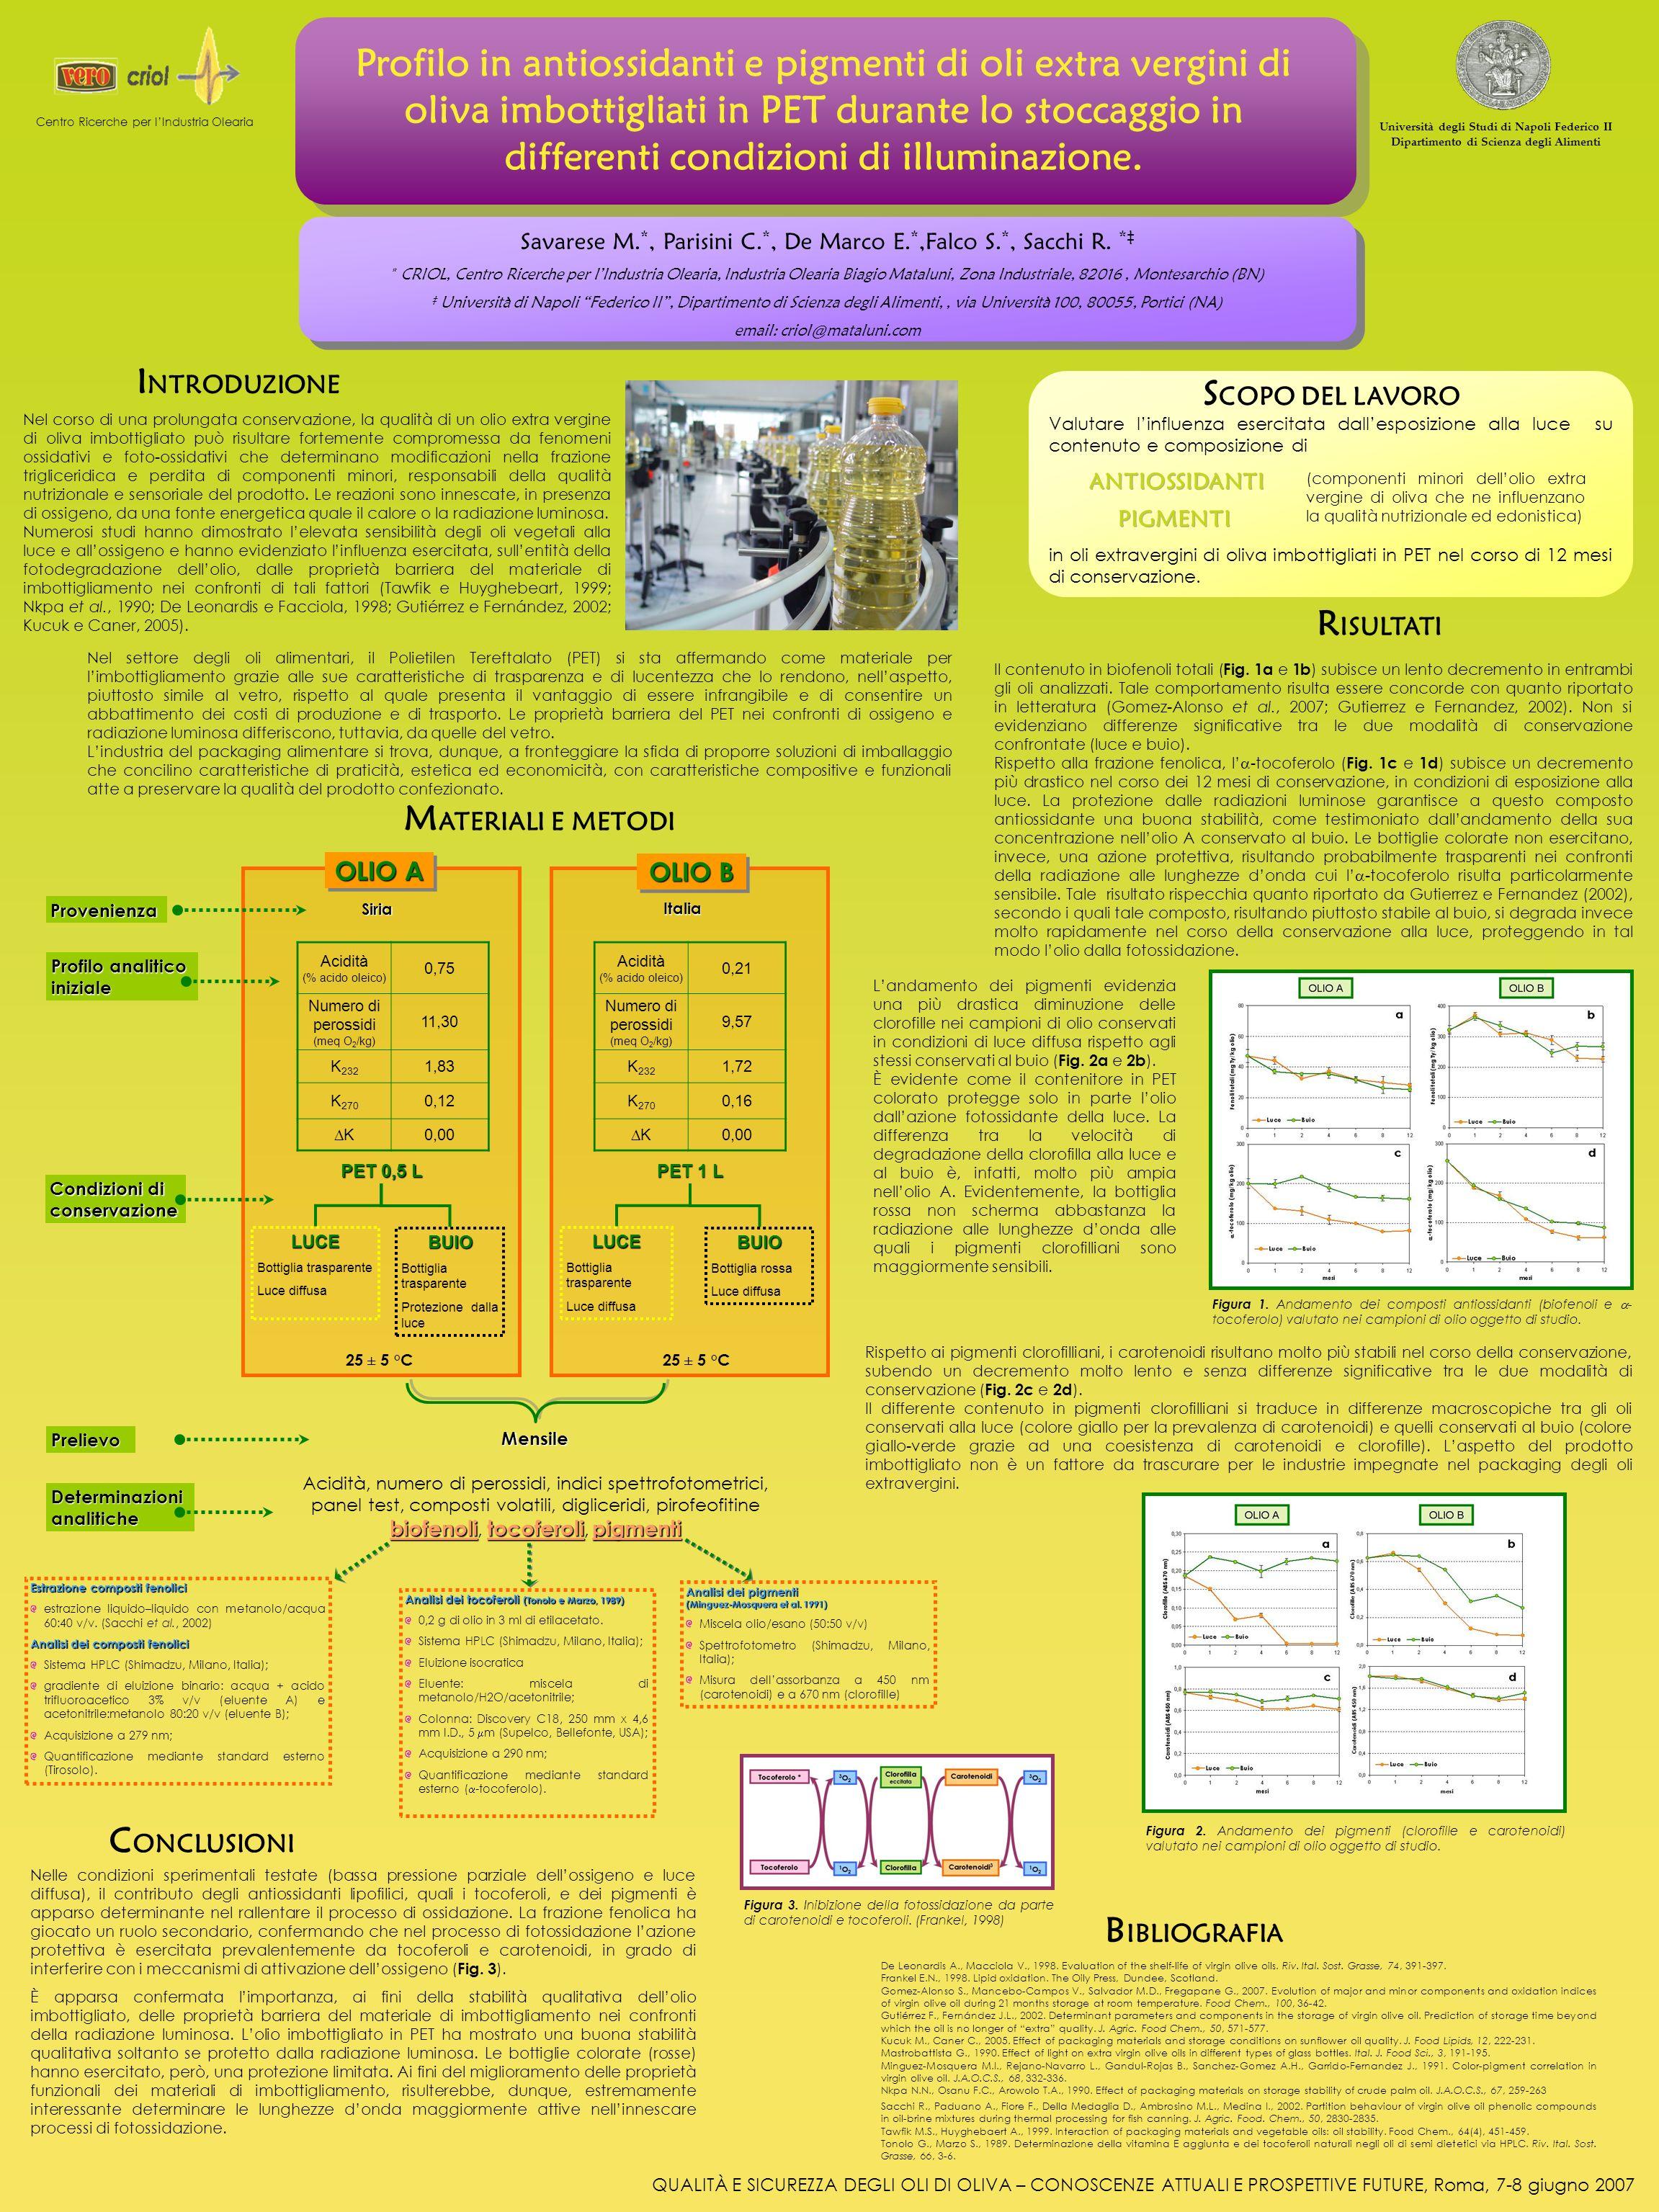 Profilo in antiossidanti e pigmenti di oli extra vergini di oliva imbottigliati in PET durante lo stoccaggio in differenti condizioni di illuminazione.